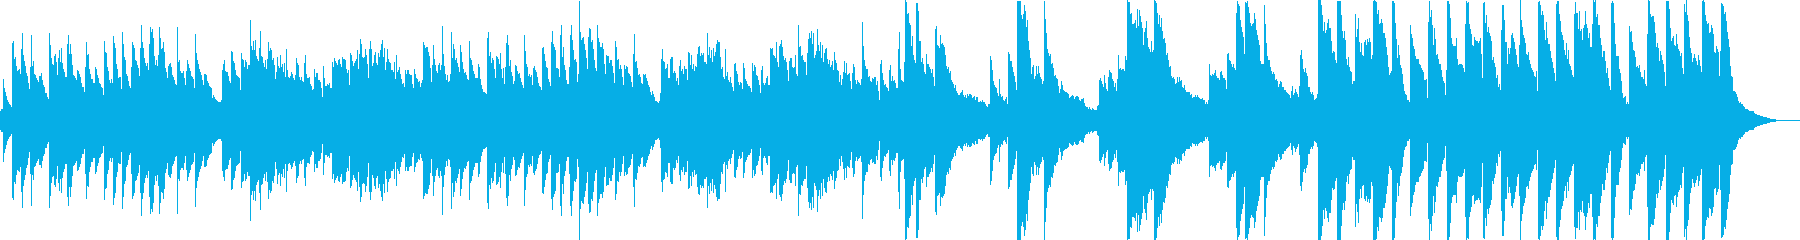 輝くような綺麗な音色が特徴のアコギ曲の再生済みの波形